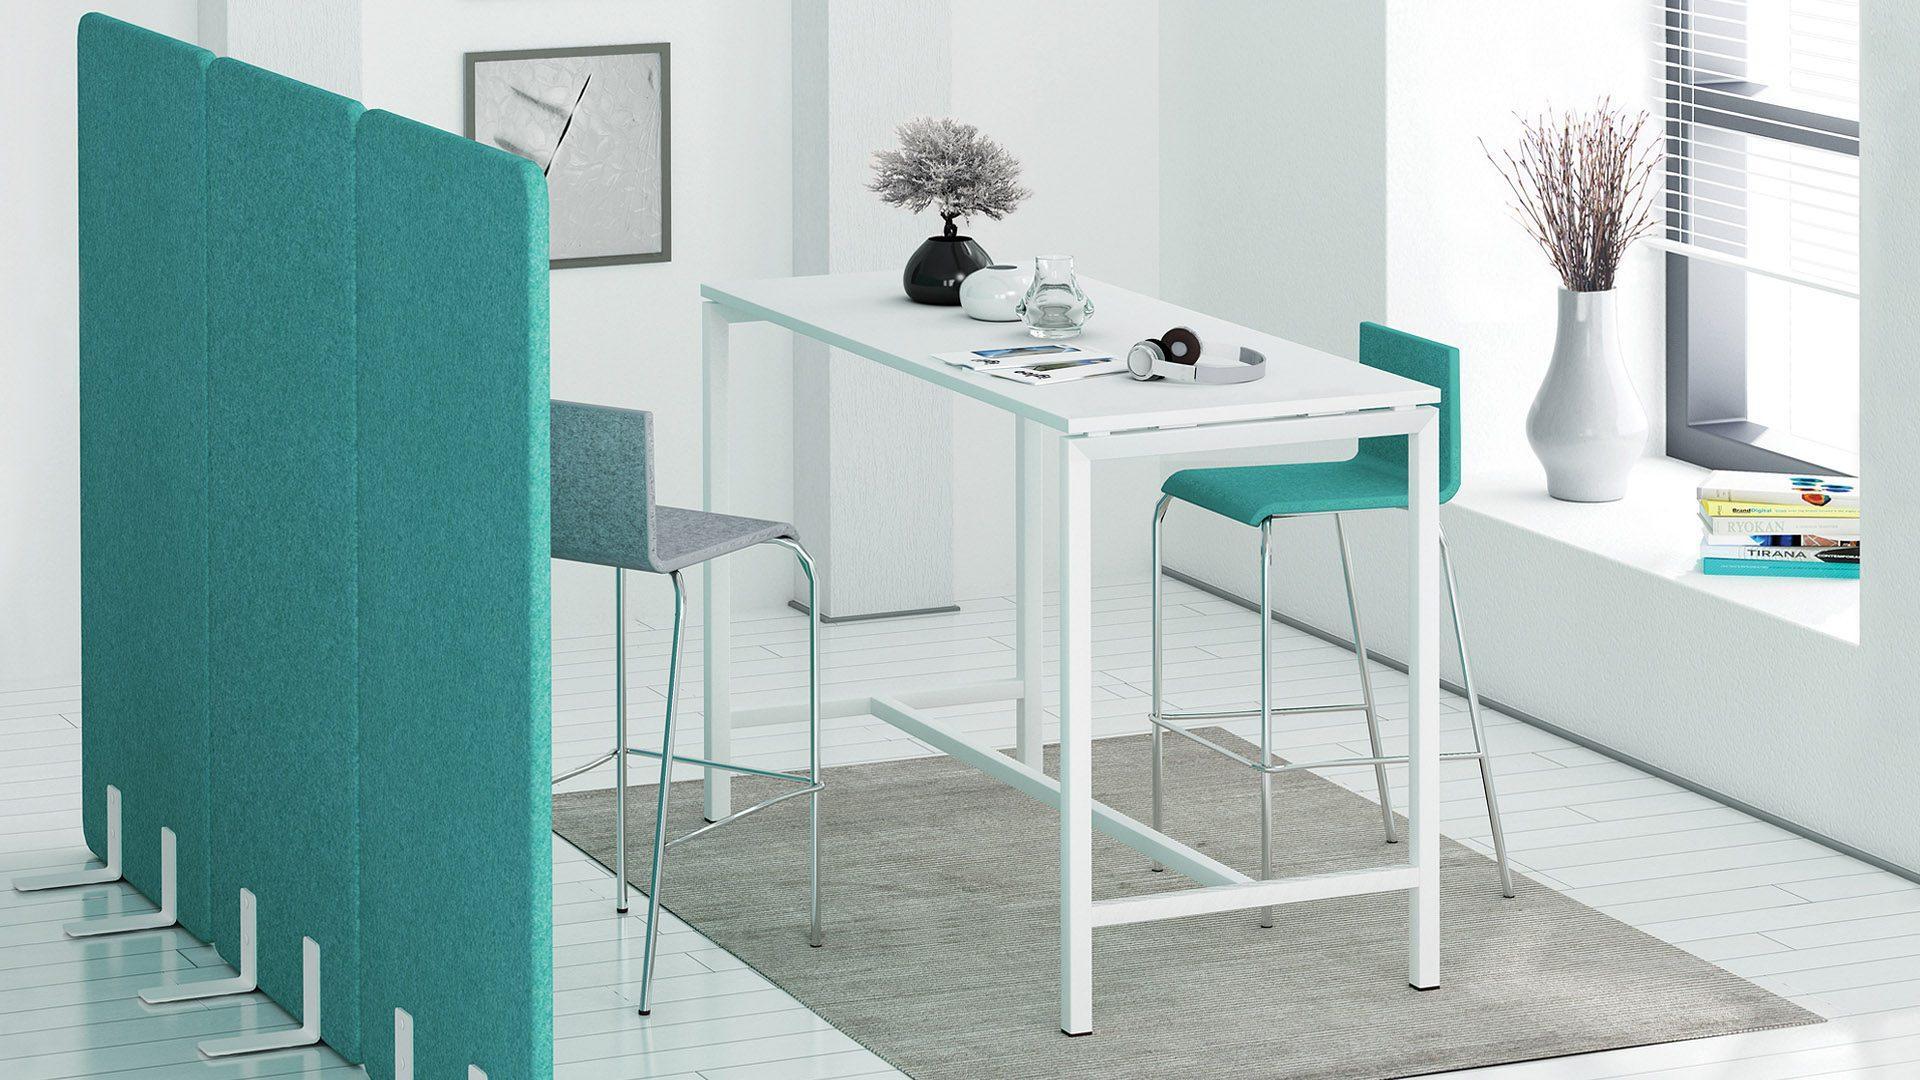 офисная мебель калининград, офисные кресла, офисные стулья, офисные столы, мебель для руководителя, оформление офиса, мебель для офиса, освещение офиса, техническое освещение, офисное освещение, настольные лампы, акустические перегородки, офисные шкафы, офисные тумбы, компьютерные столы, дизайн офиса калининград, кресла на вращающемся основании, кожаные кресла, акустические панели, зонирование офиса, офисный интерьер, салон офисной мебели, итальянская мебель, современный офис, оформление офиса калининград, салон мебели, офисный стиль, офисный дизайн, дизайнерская мебель, мебель на заказ, комплектация офиса, мебель для персонала, стол в переговорную, зона отдыха, мягкая мебель для офиса, мебель в приемную, кабинет руководителя, кресла калининград, столы калининград, мебель калининград, светильники калининград, рабочее место